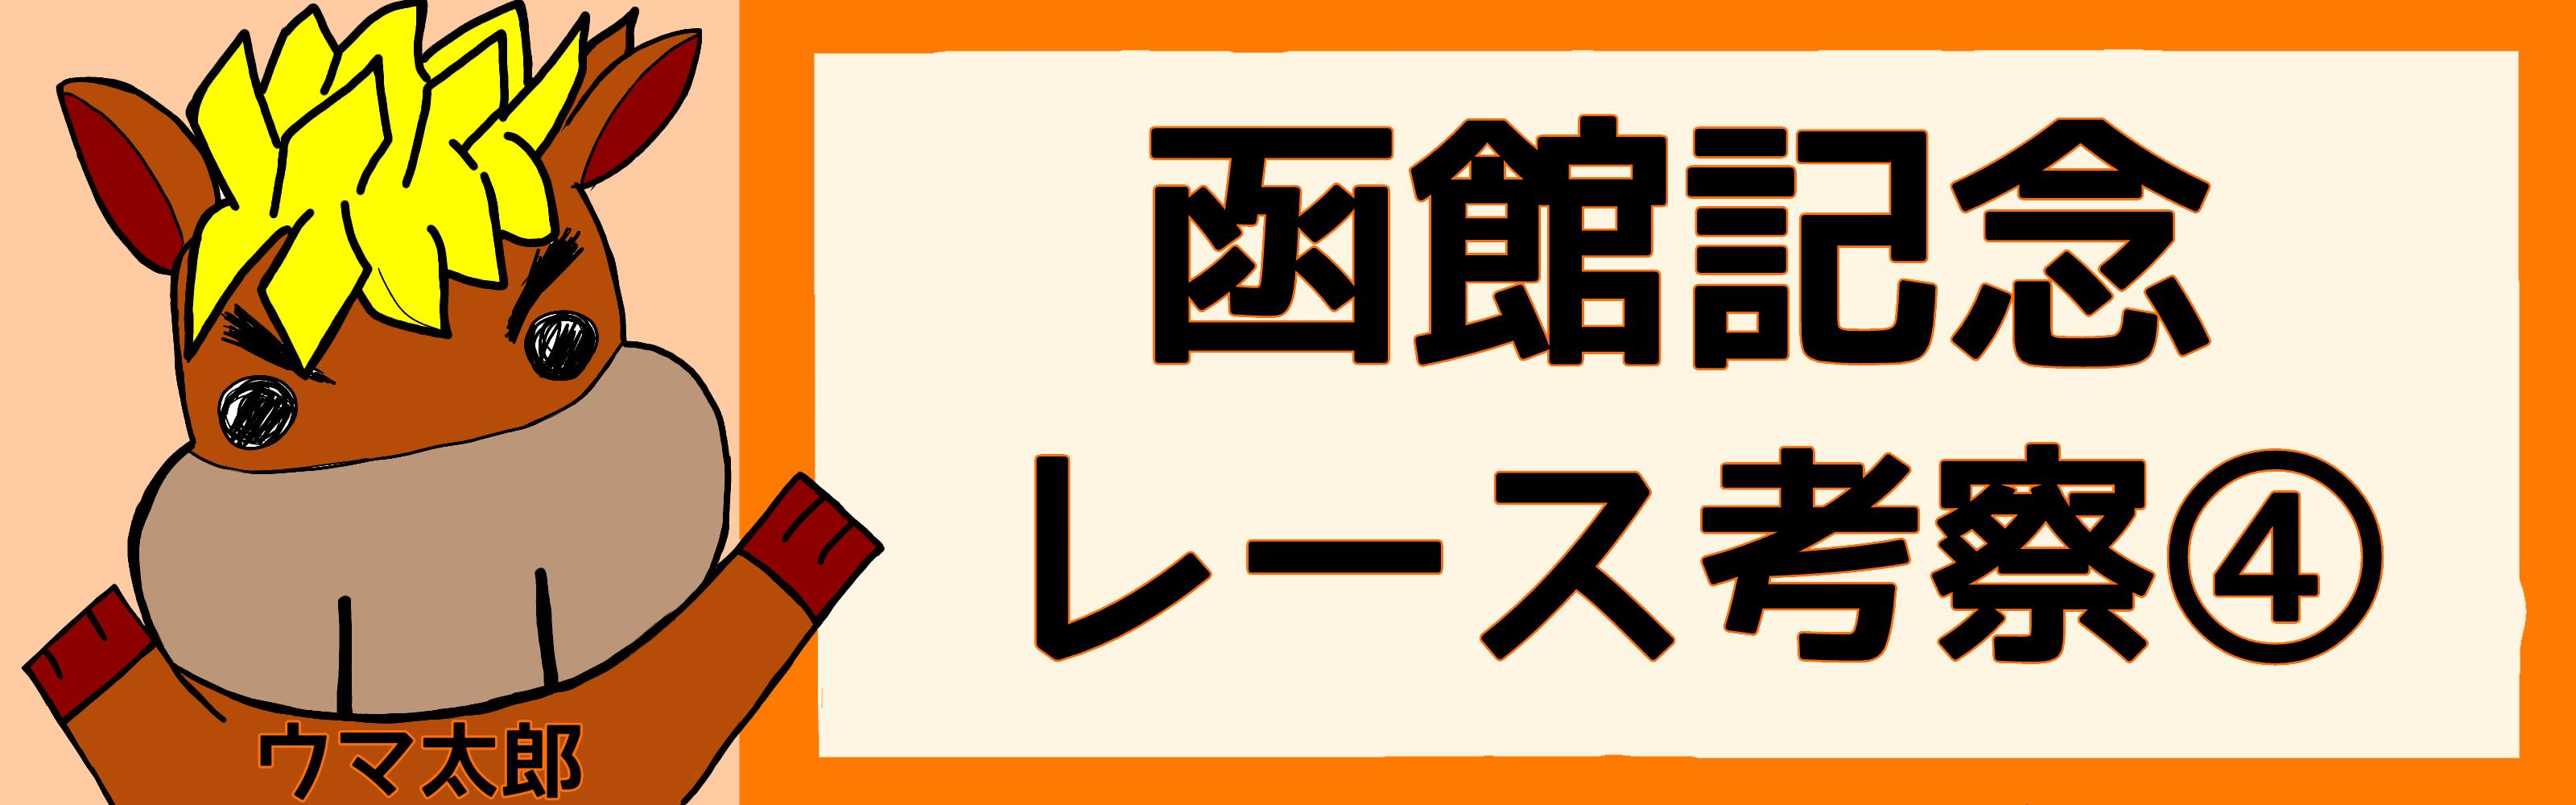 函館記念 レース考察④